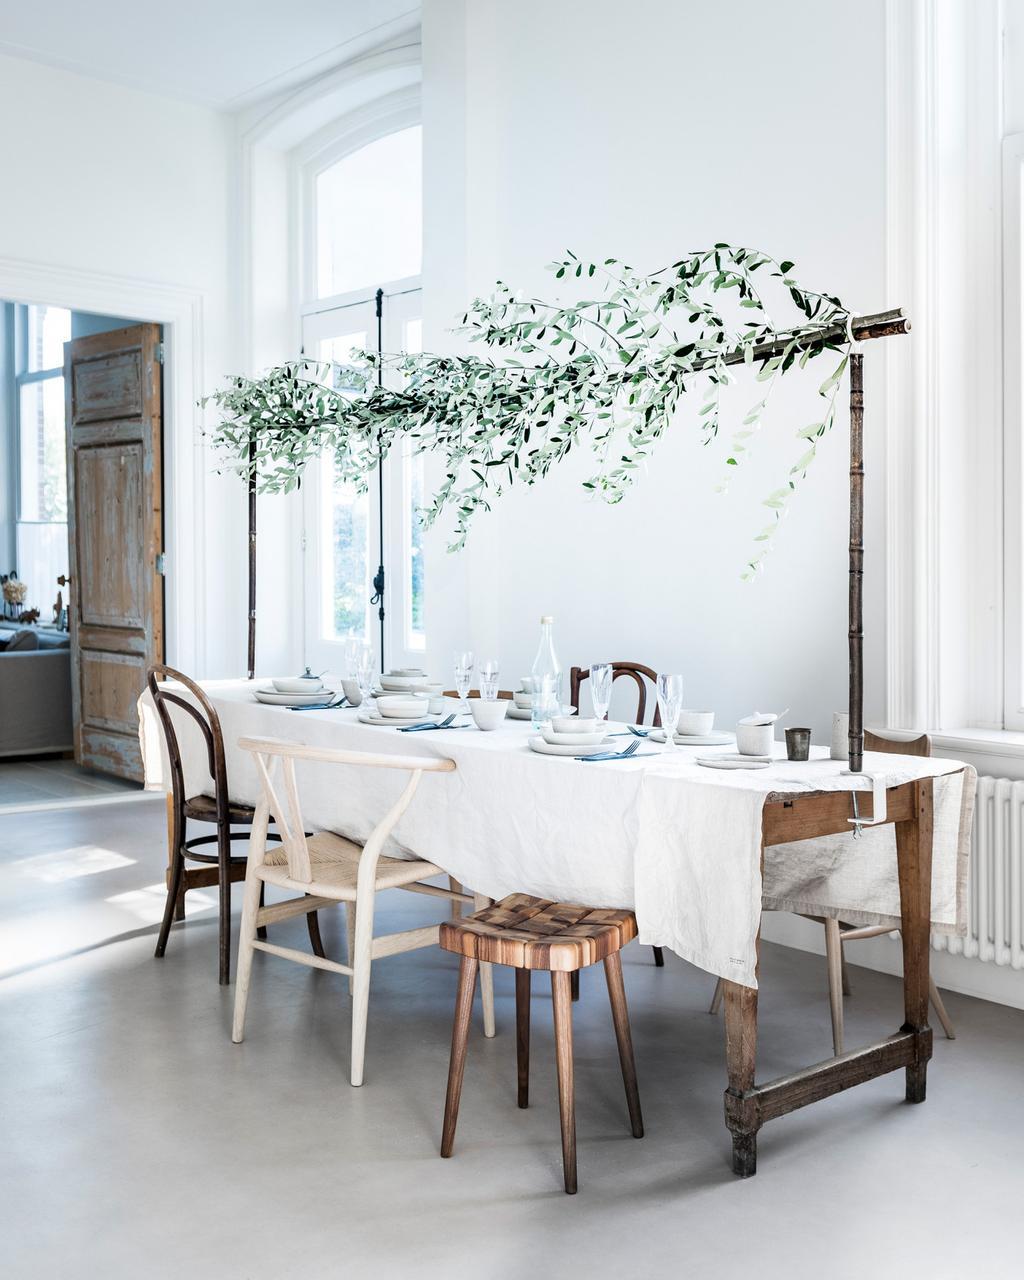 Feestelijke tafelschikking met wit, traditioneel laken en maretakken